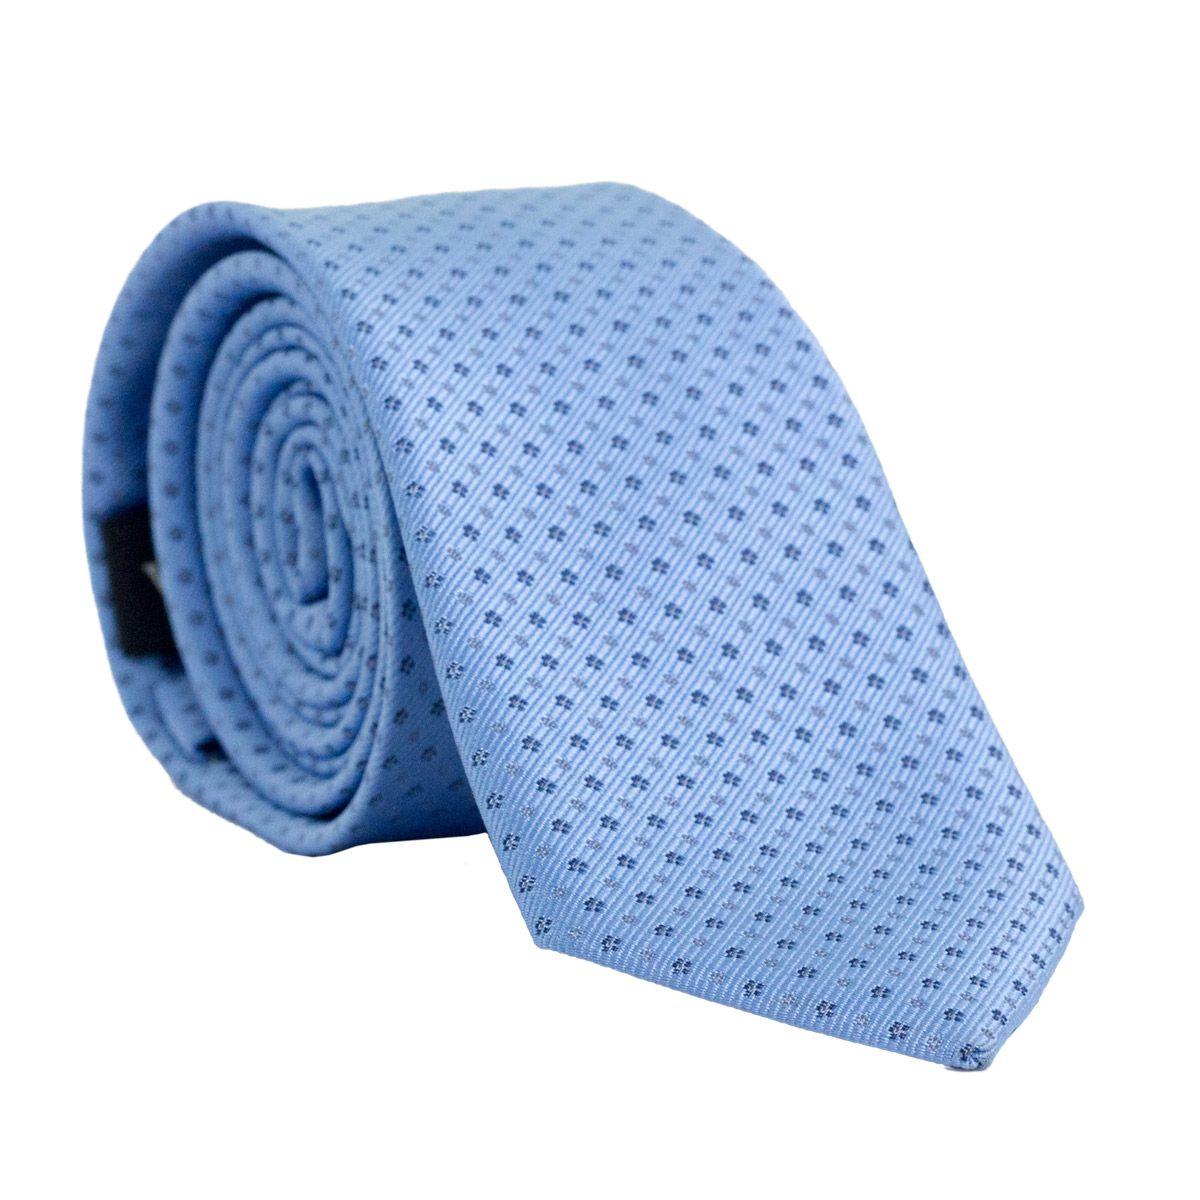 Gravata Slim com Desenho Geométrico em Poliester Azul